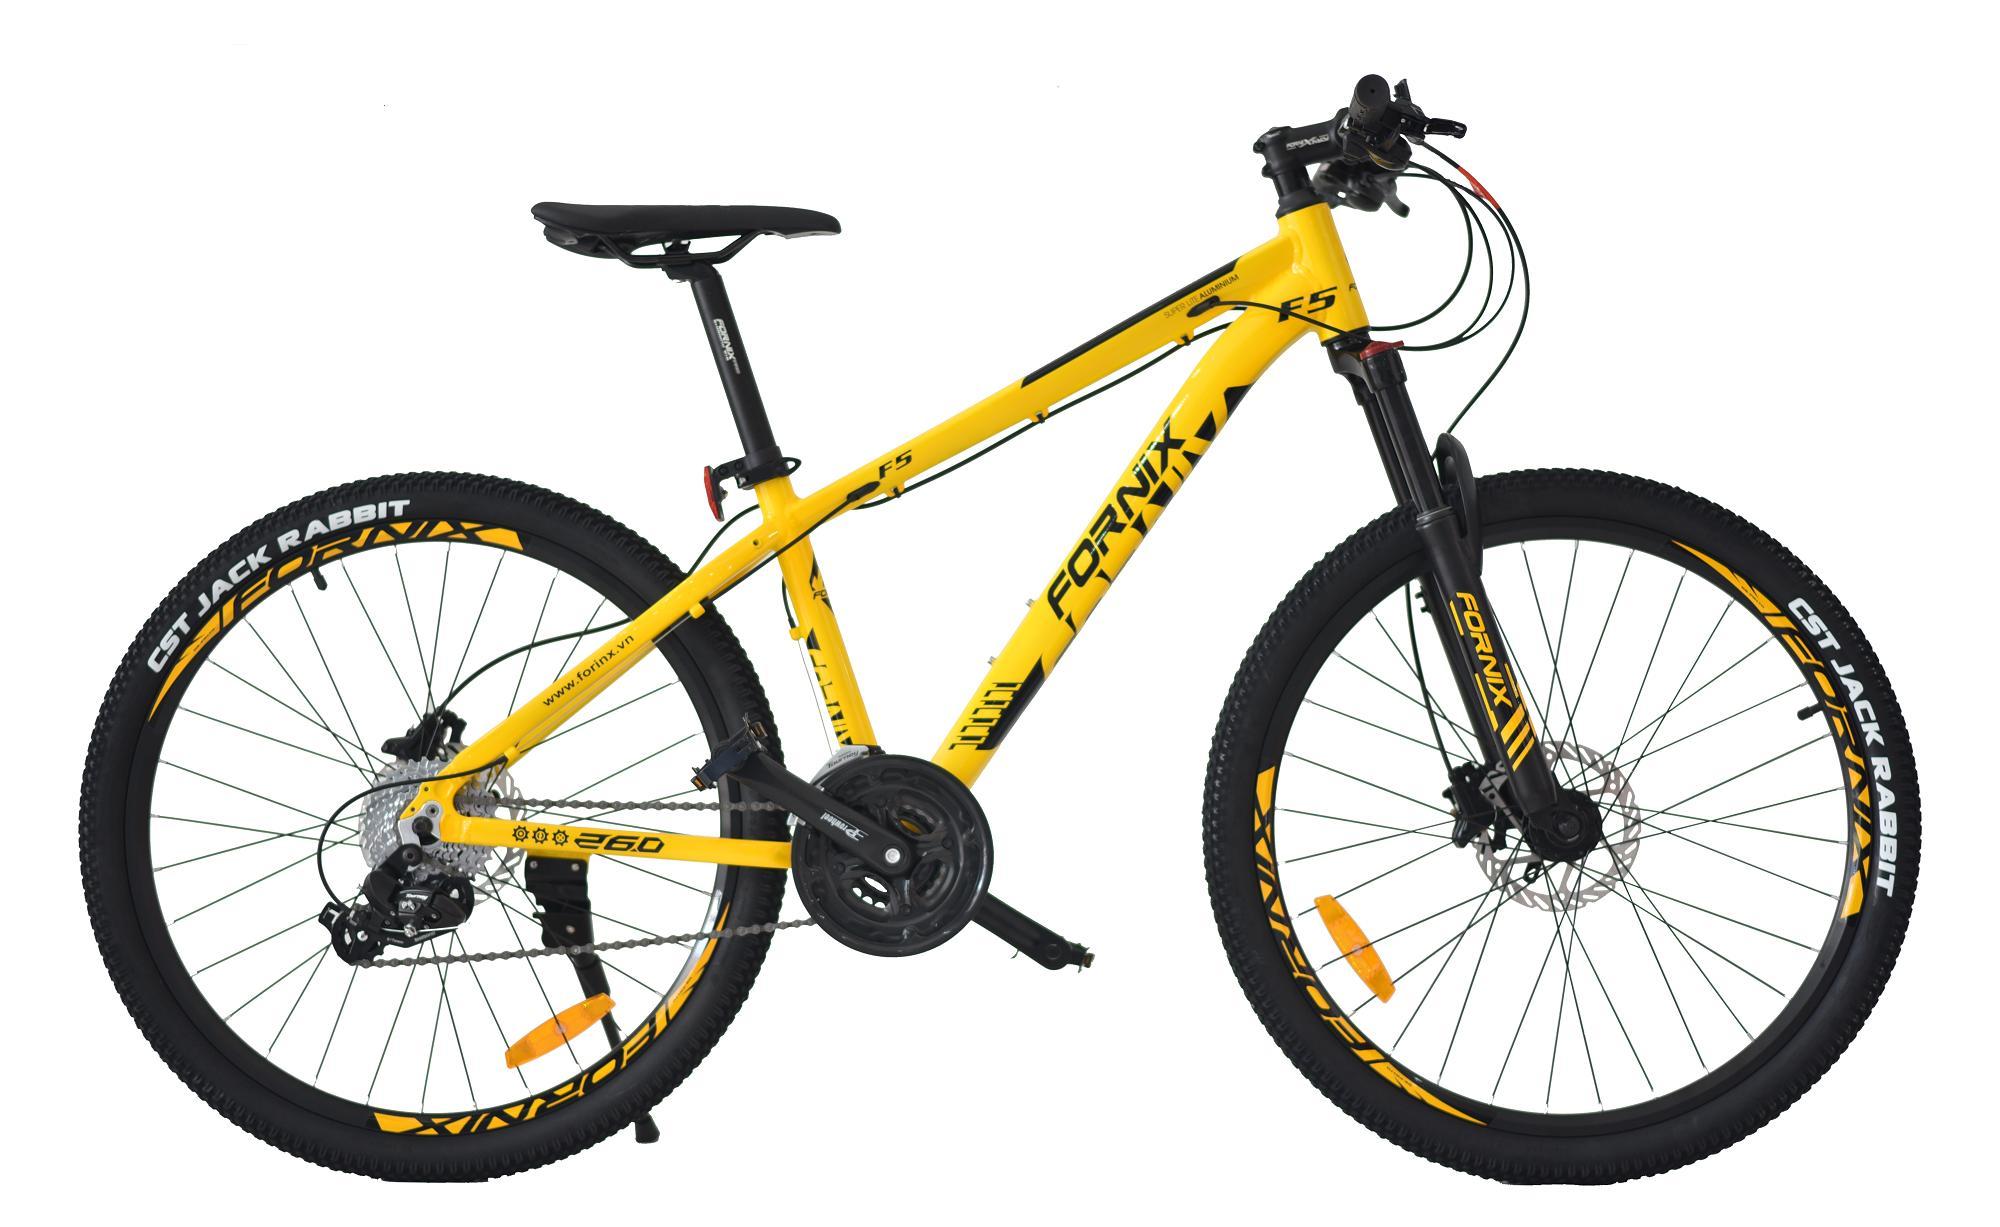 Mua Xe đạp địa hình thể thao BF5- Vòng bánh 26- Bảo hành 12 tháng